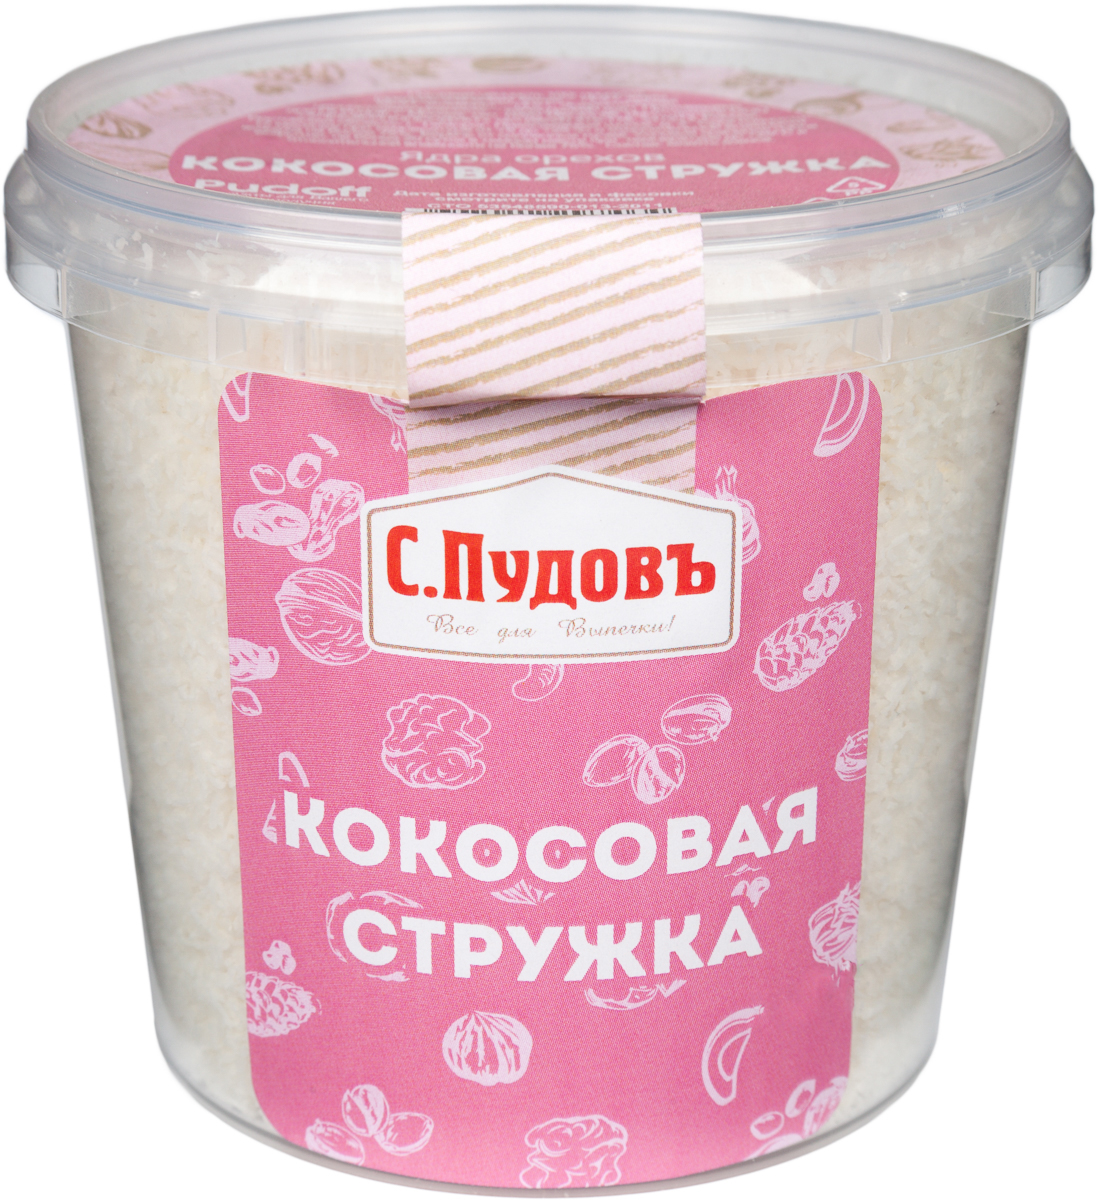 Пудовъ кокосовая стружка, 120 г4607012297464Кокосовая стружка Пудовъ хорошо сочетается с кондитерскими изделиями. Ее можно использовать как посыпку или добавлять в тесто, крем.